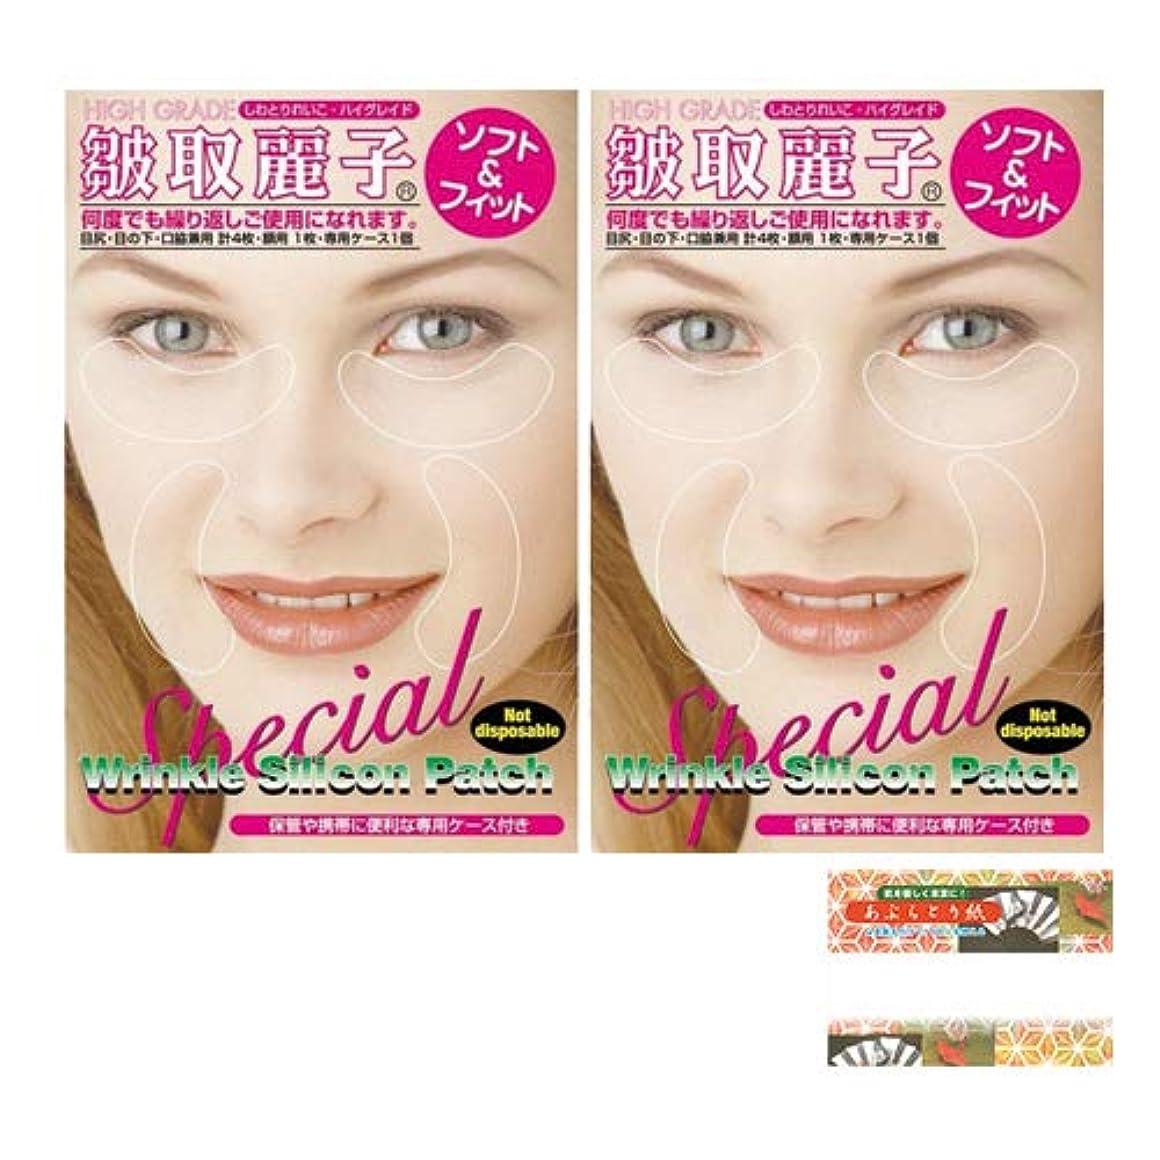 デマンド支店褐色皺取麗子ハイグレード(フルセット)リニューアル版 美容シリコンシート×2セット + あぶら取り紙付き